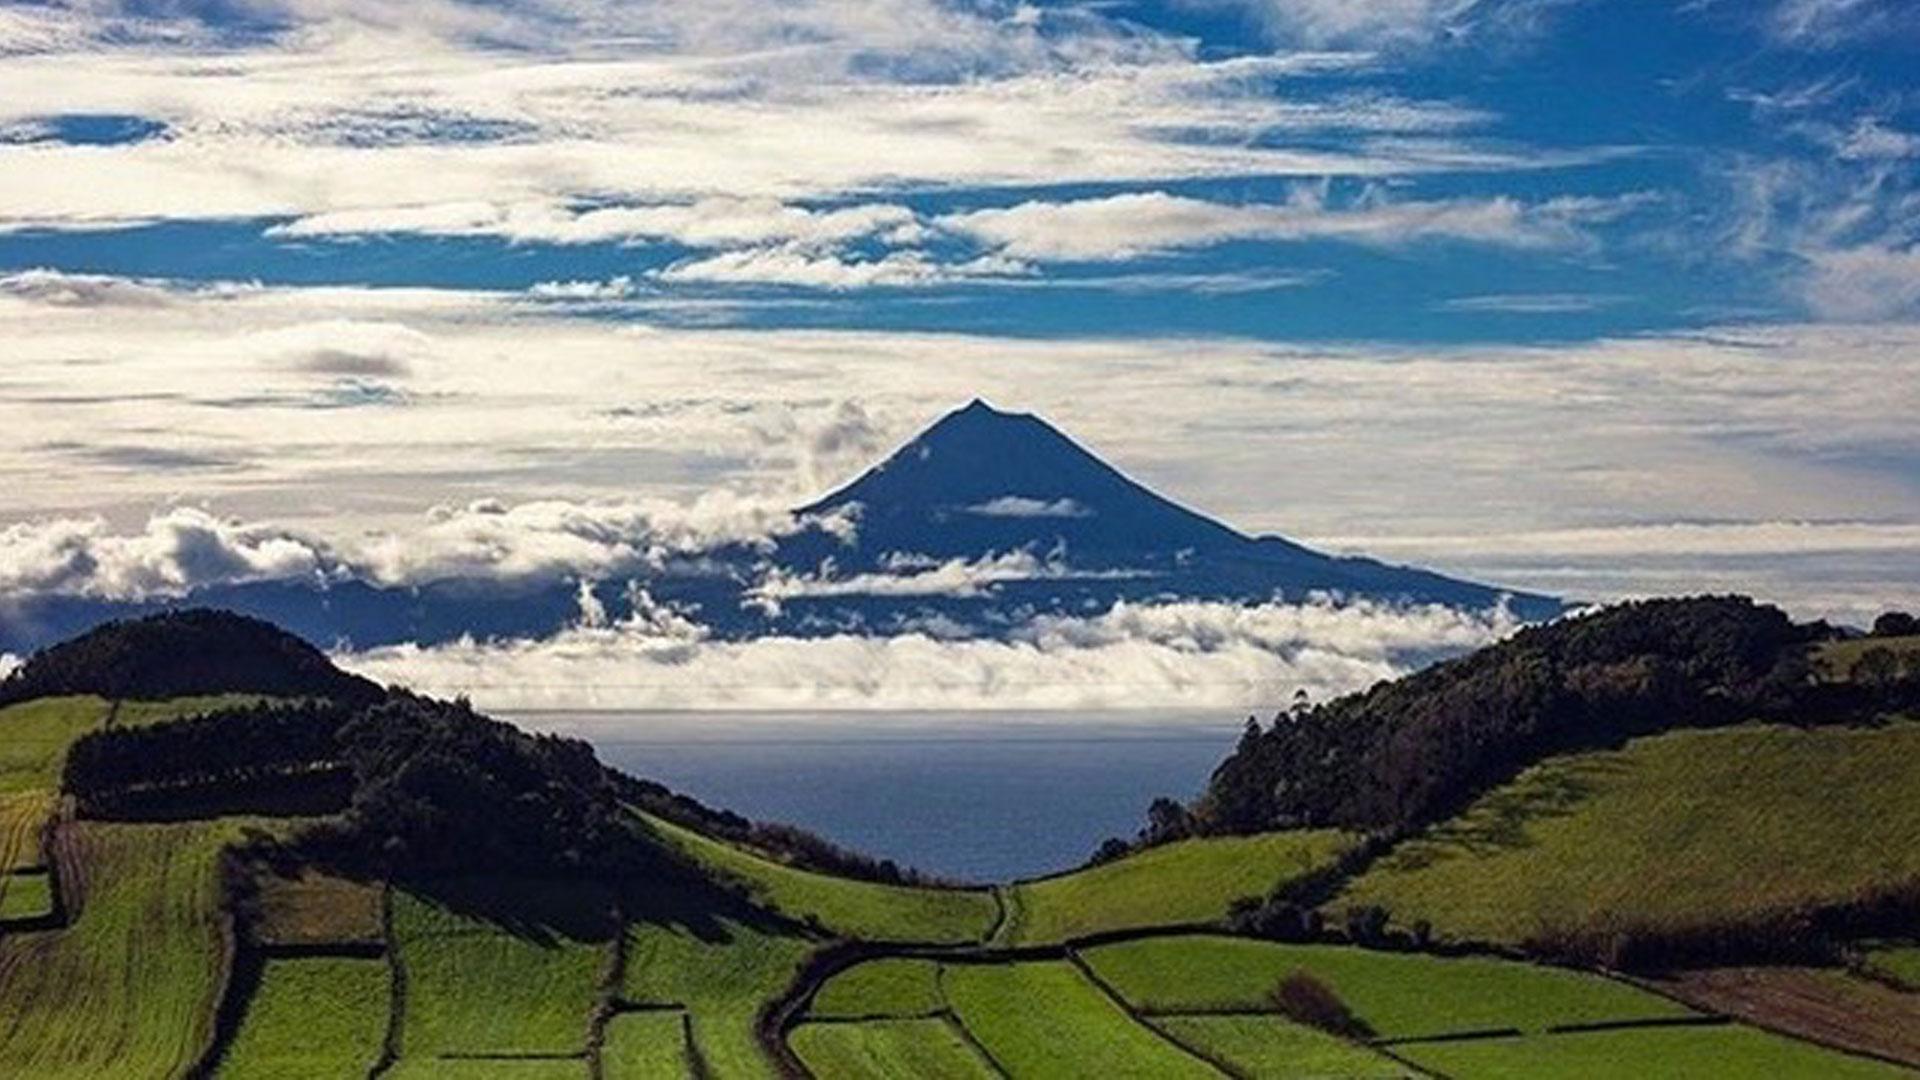 pico islands azores portugal